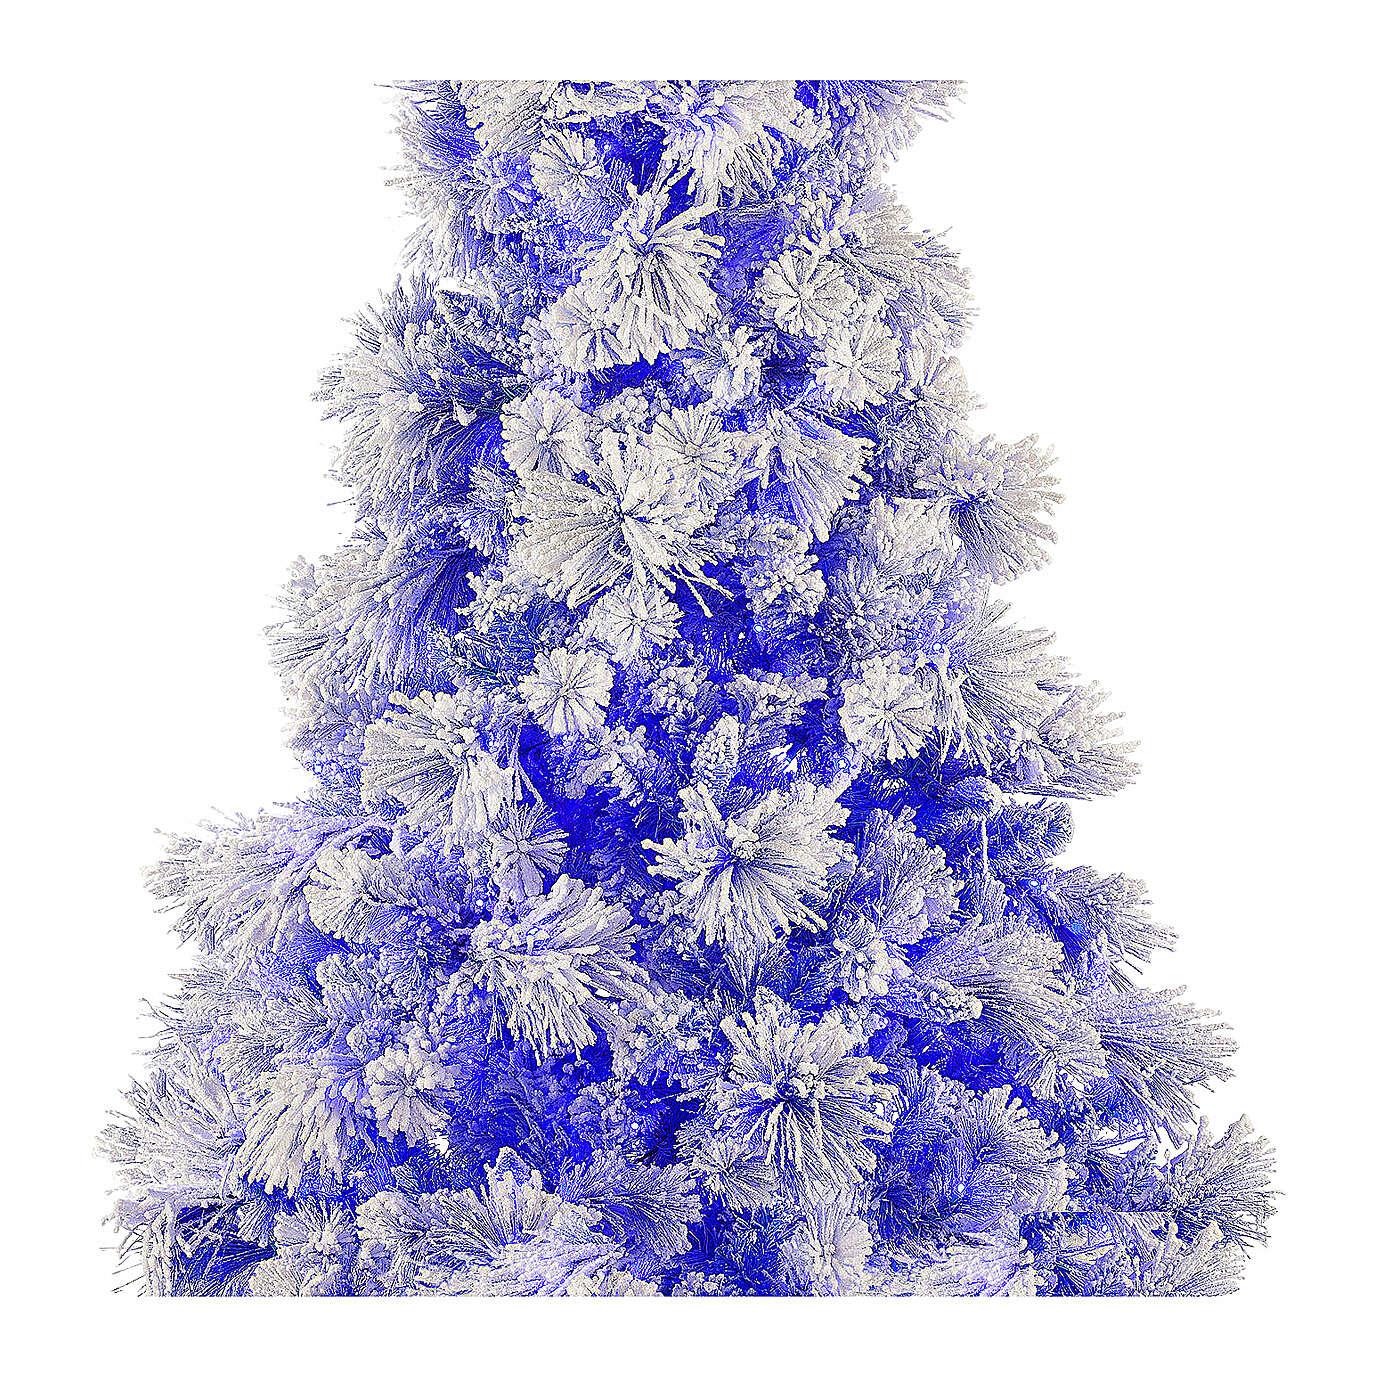 STOCK Albero di Natale Virginia Blue 230 cm innevato 400 led interno 3